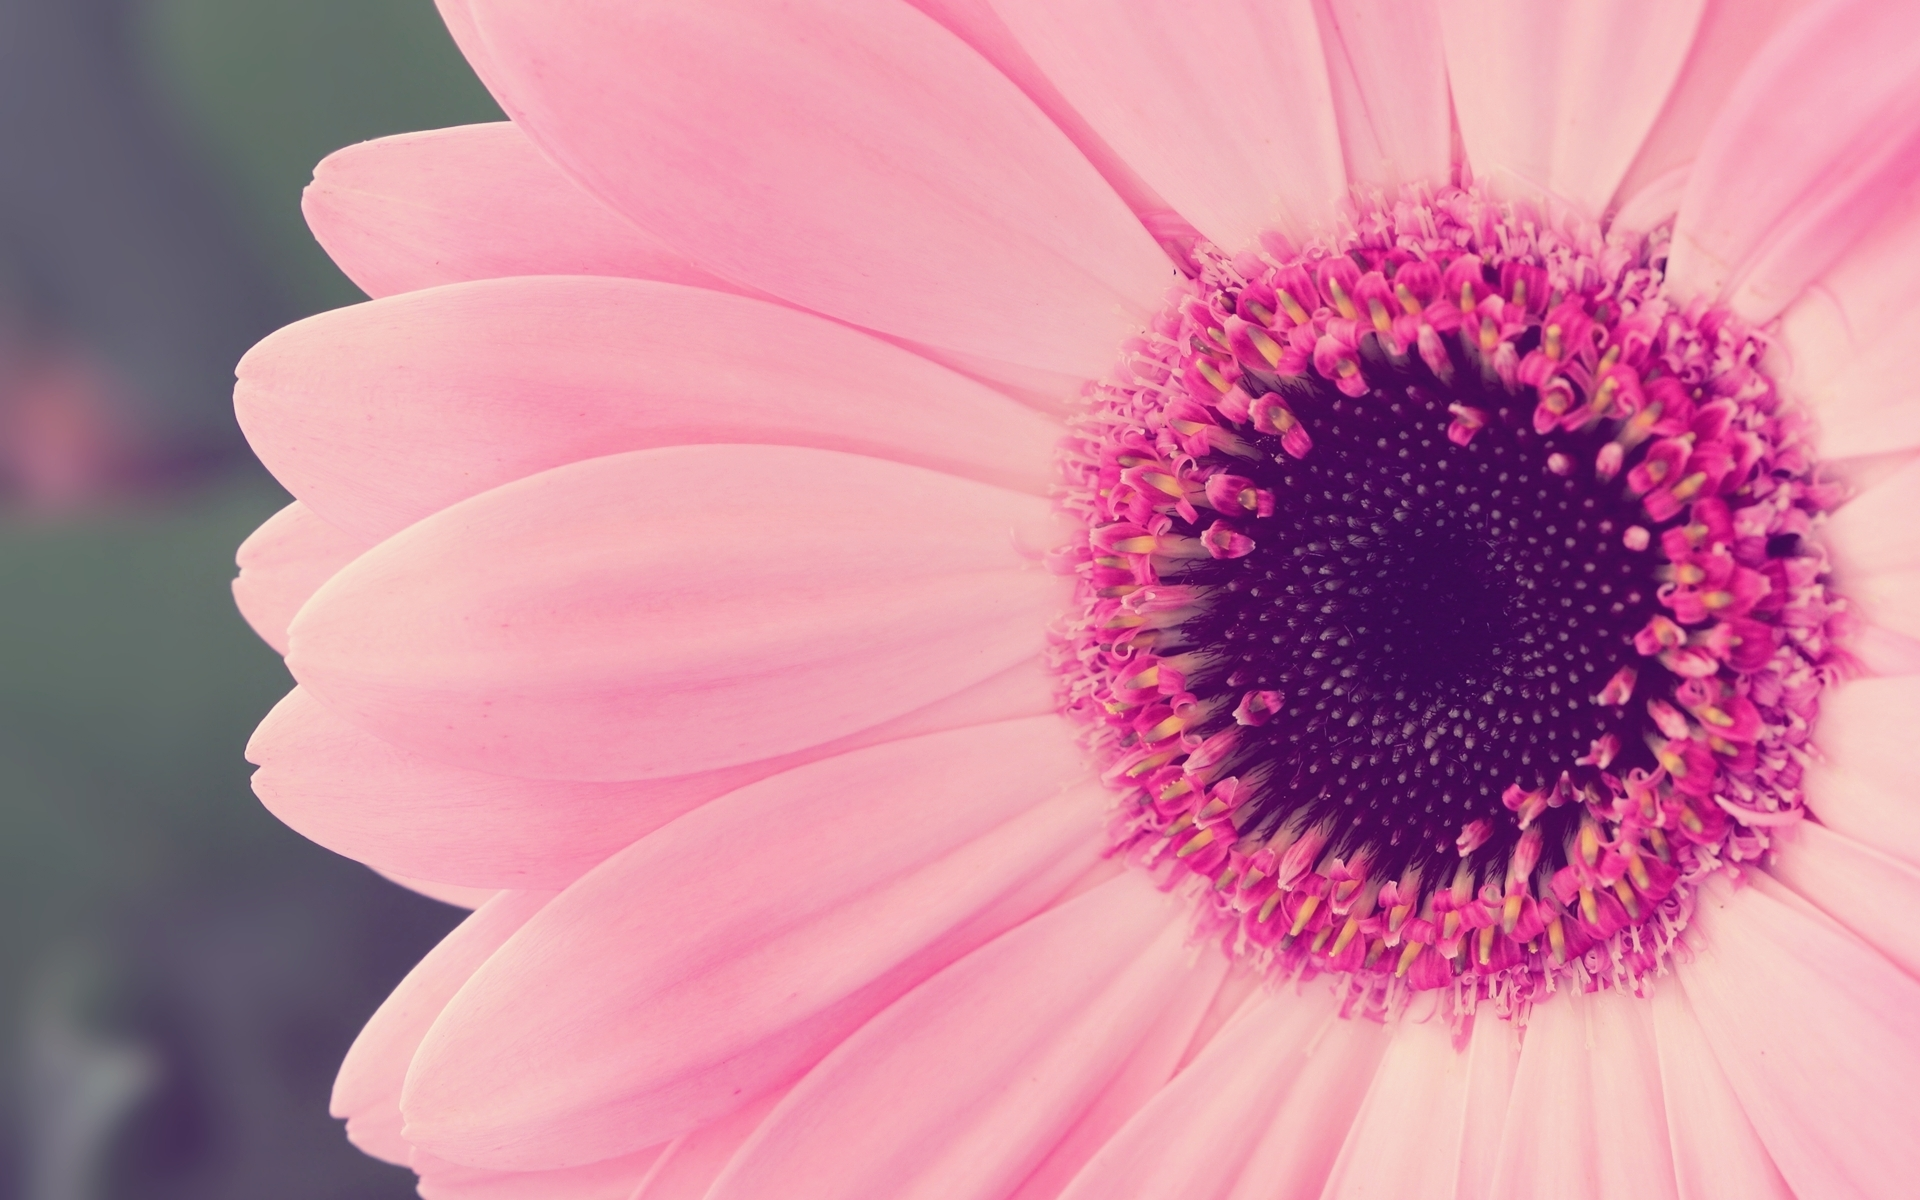 Pretty Pink Flowers wallpaper 1920x1200 23453 1920x1200